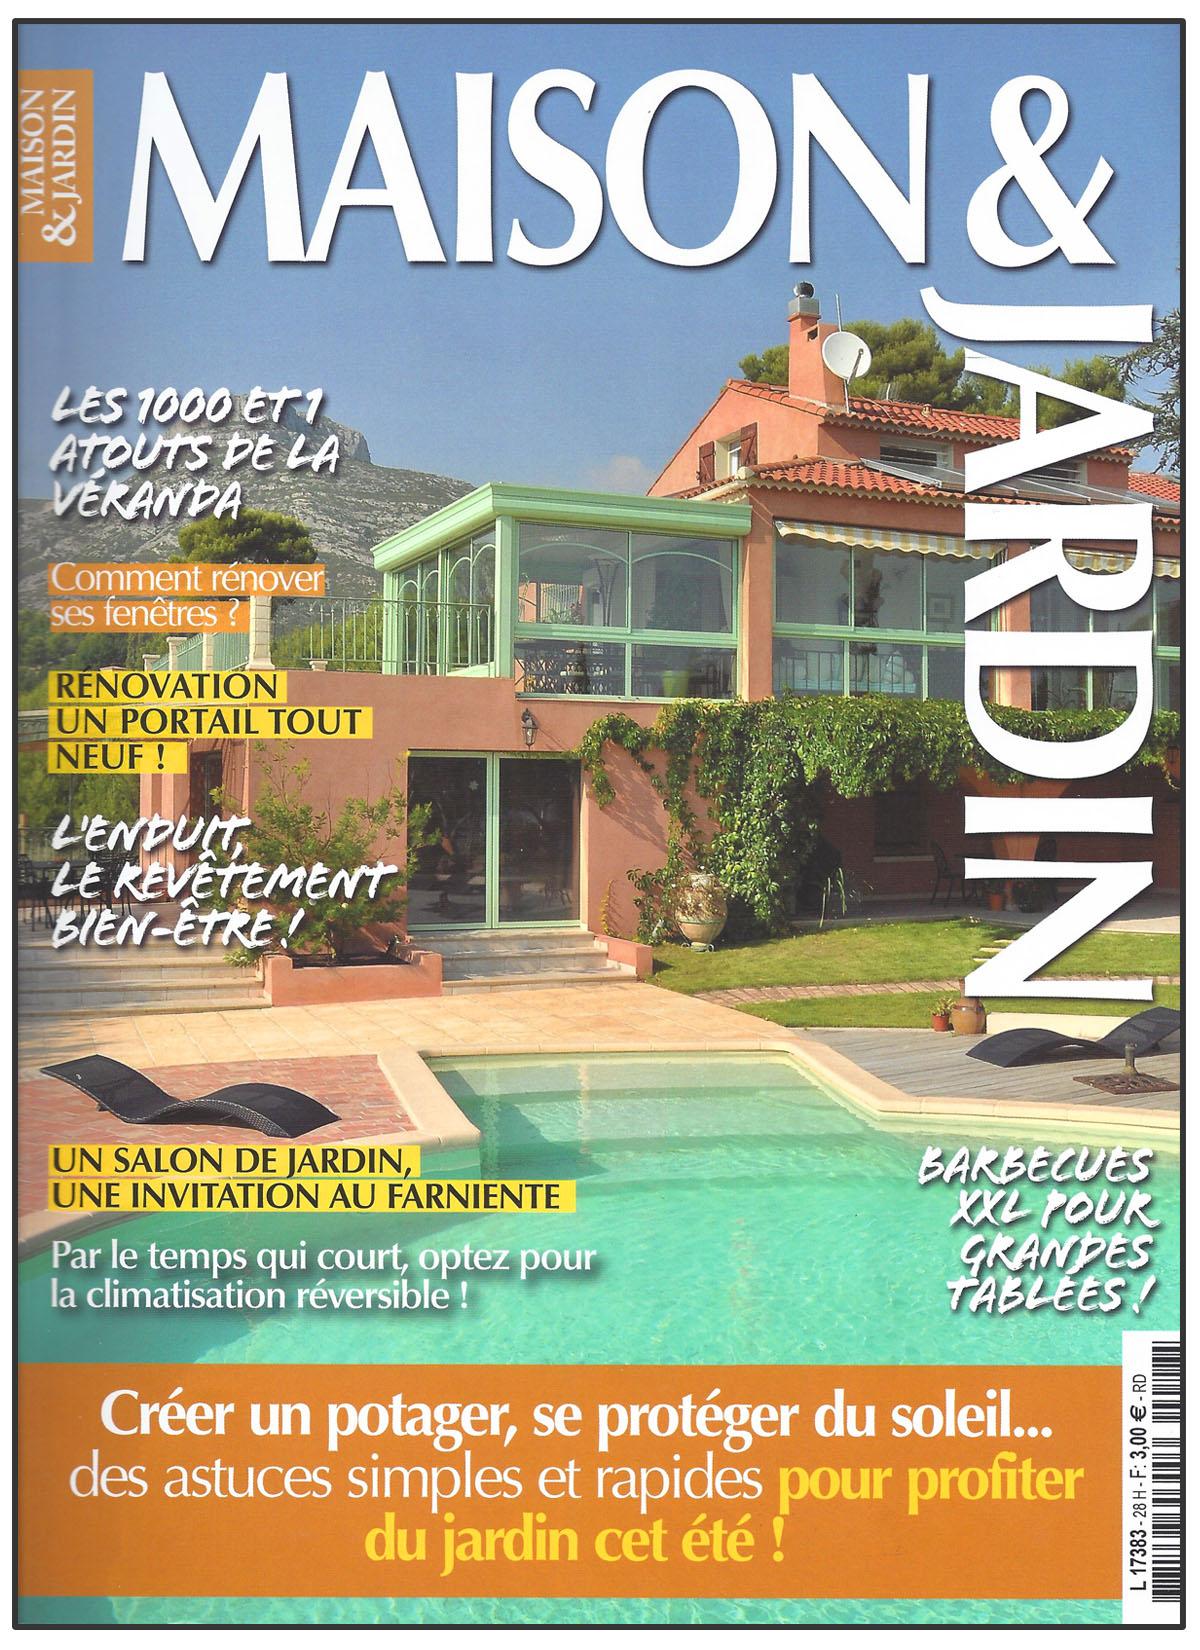 Almateon dans la presse almateon for Maison jardin magazine